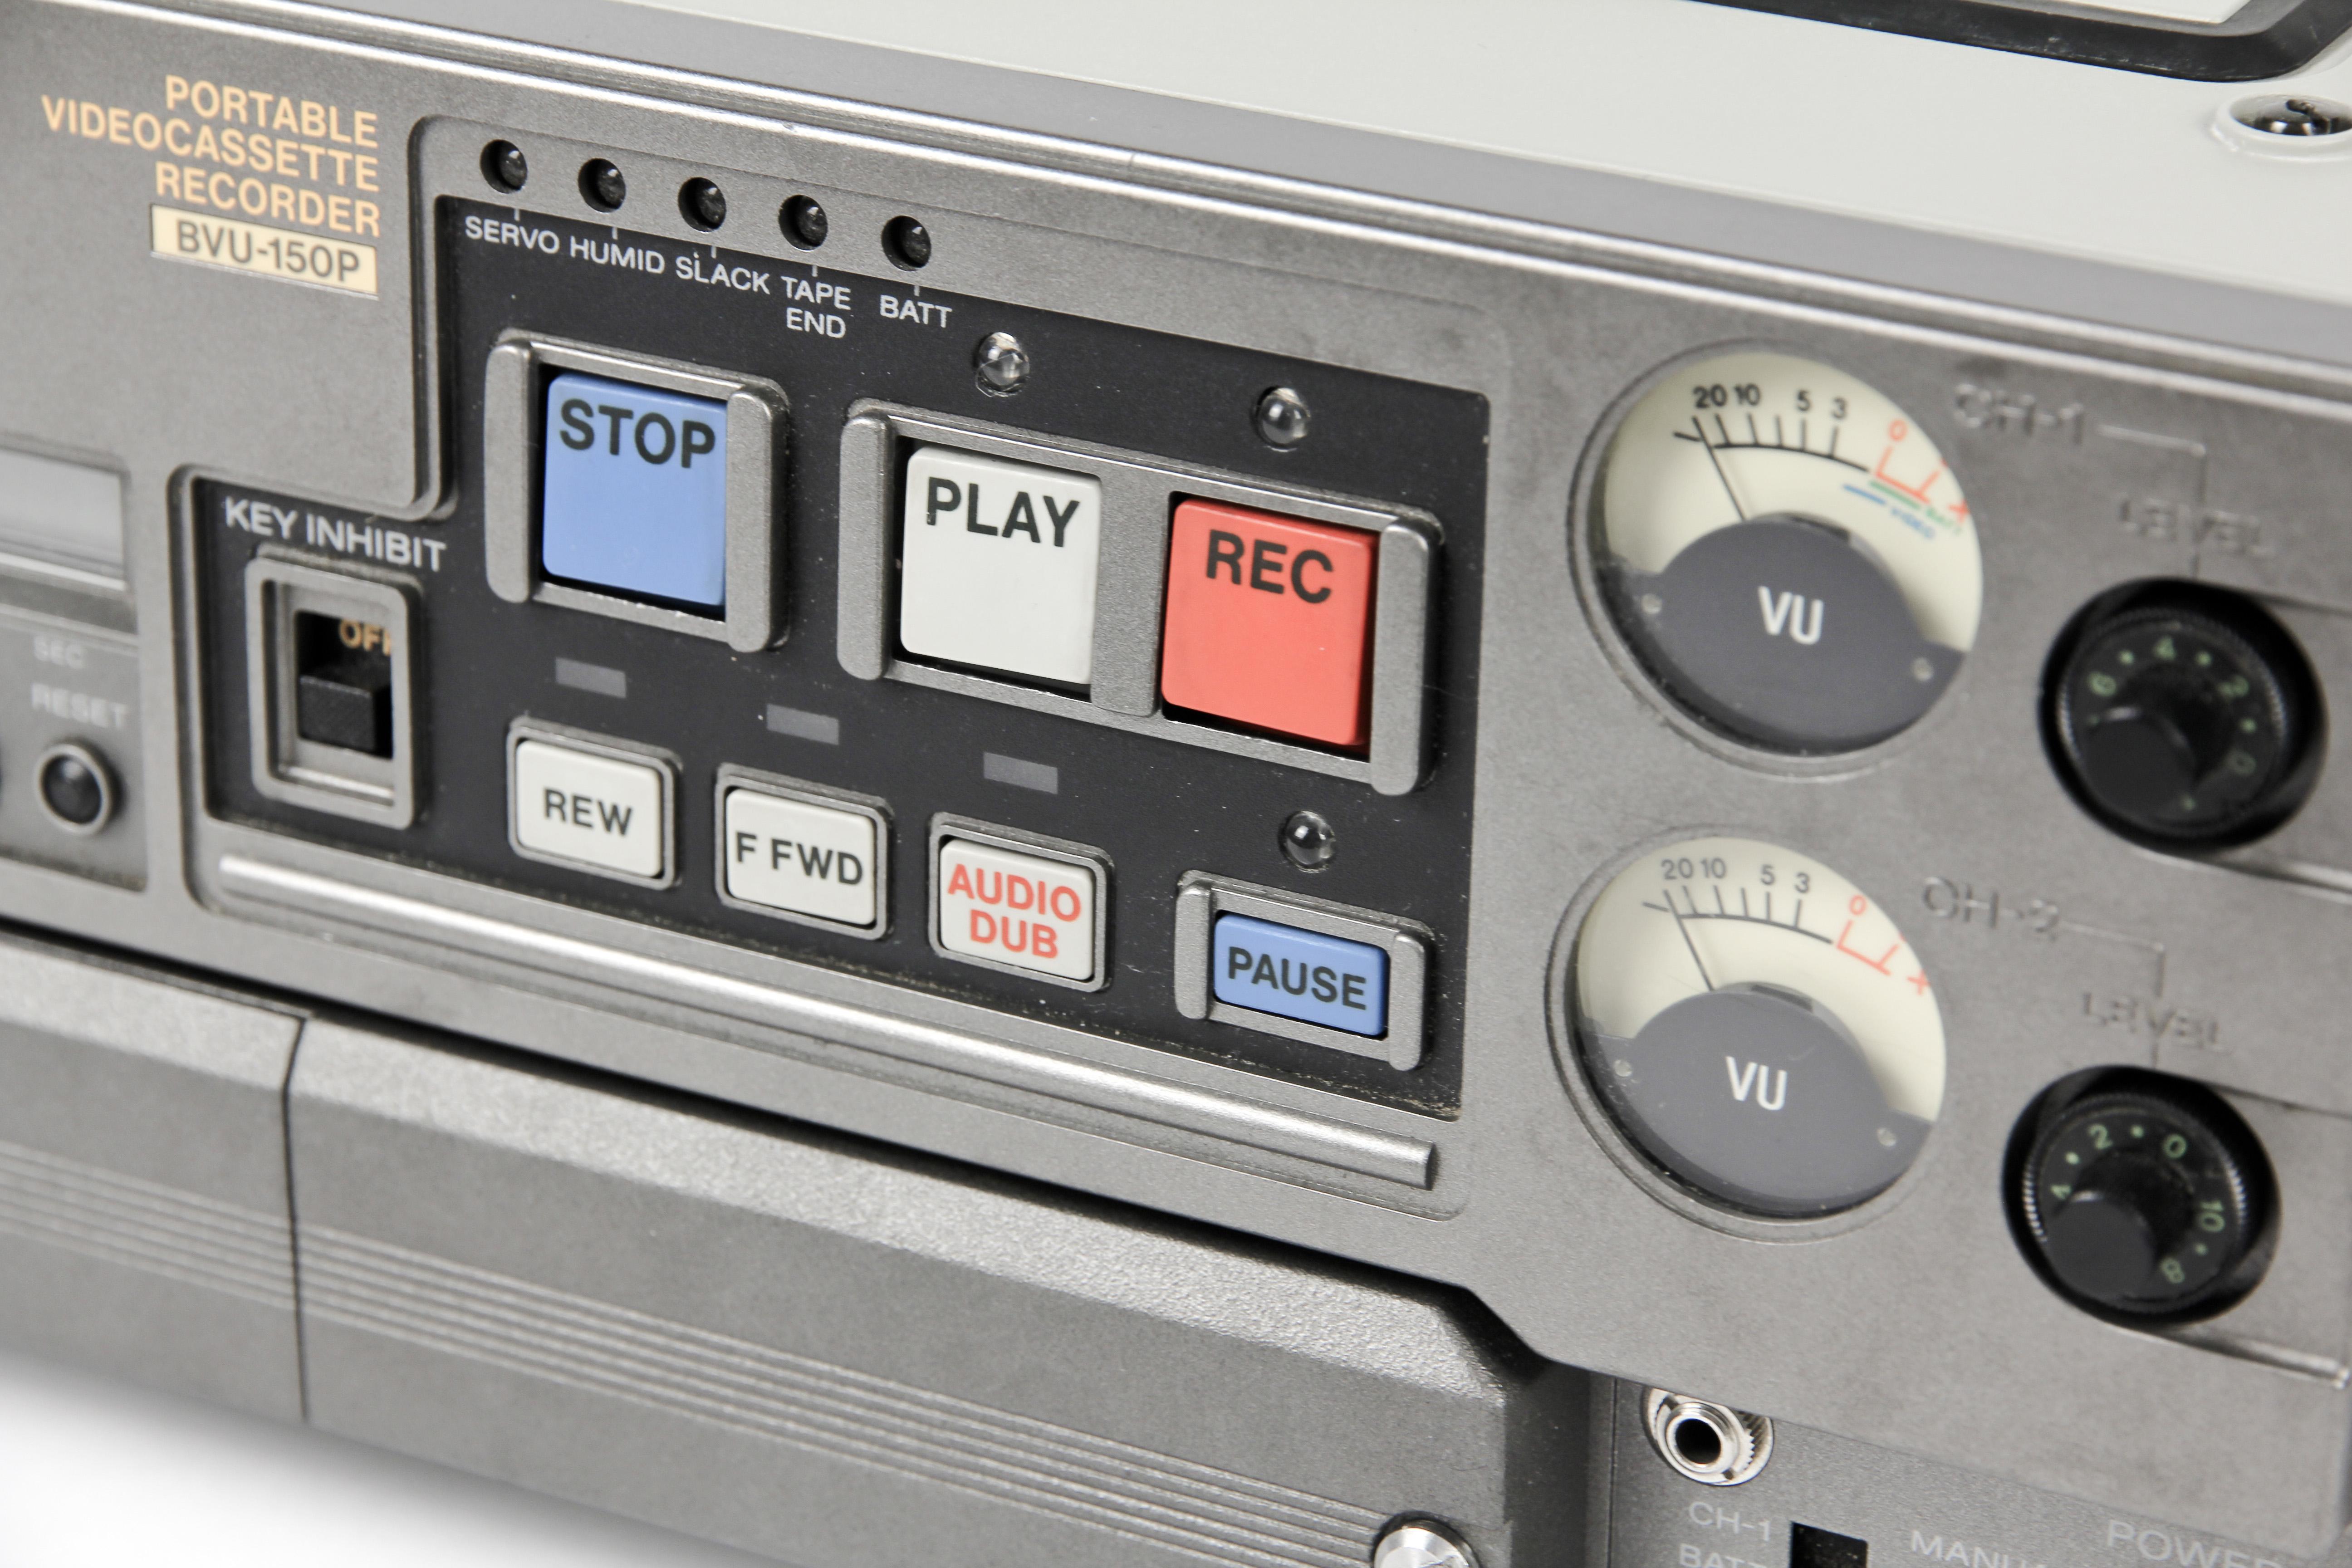 Sony BVU-150P - 1